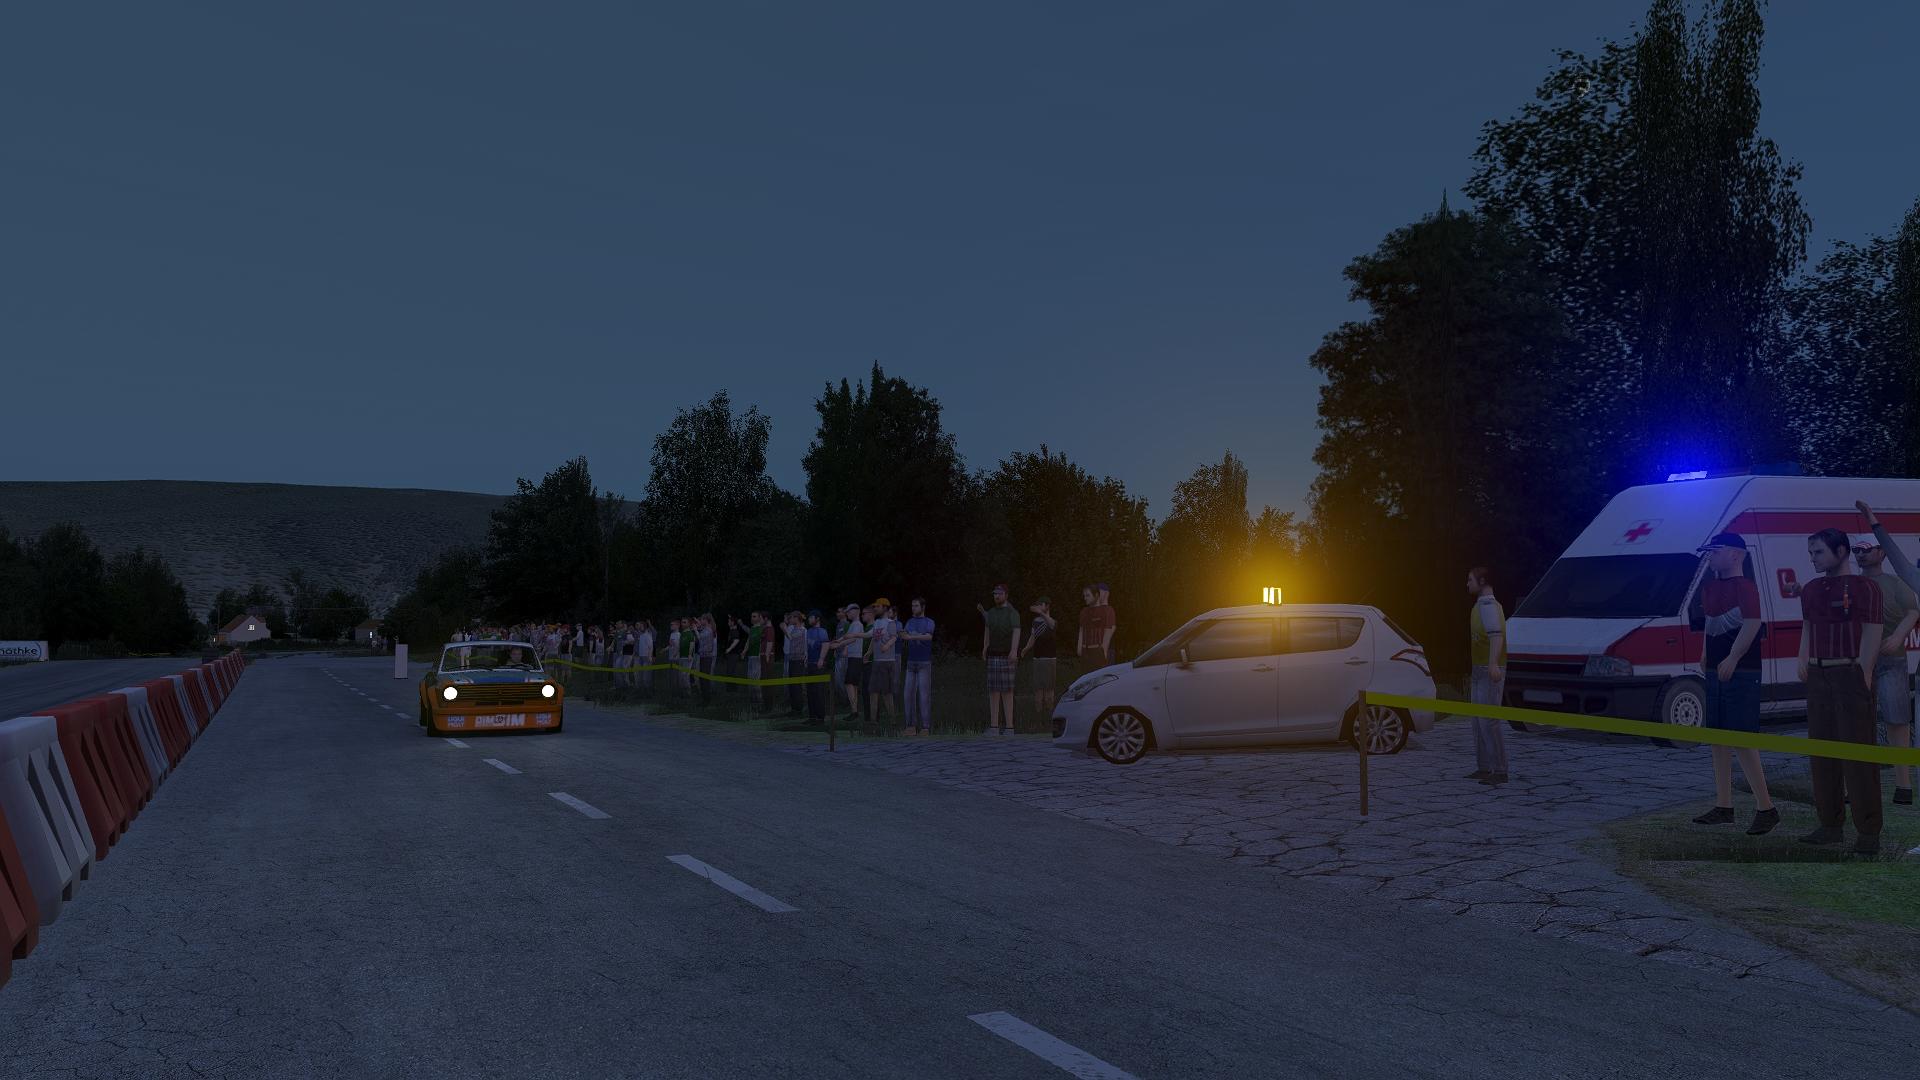 Screenshot_zizh_gaz2410_406_kicevo_3-2-121-16-19-33.jpg